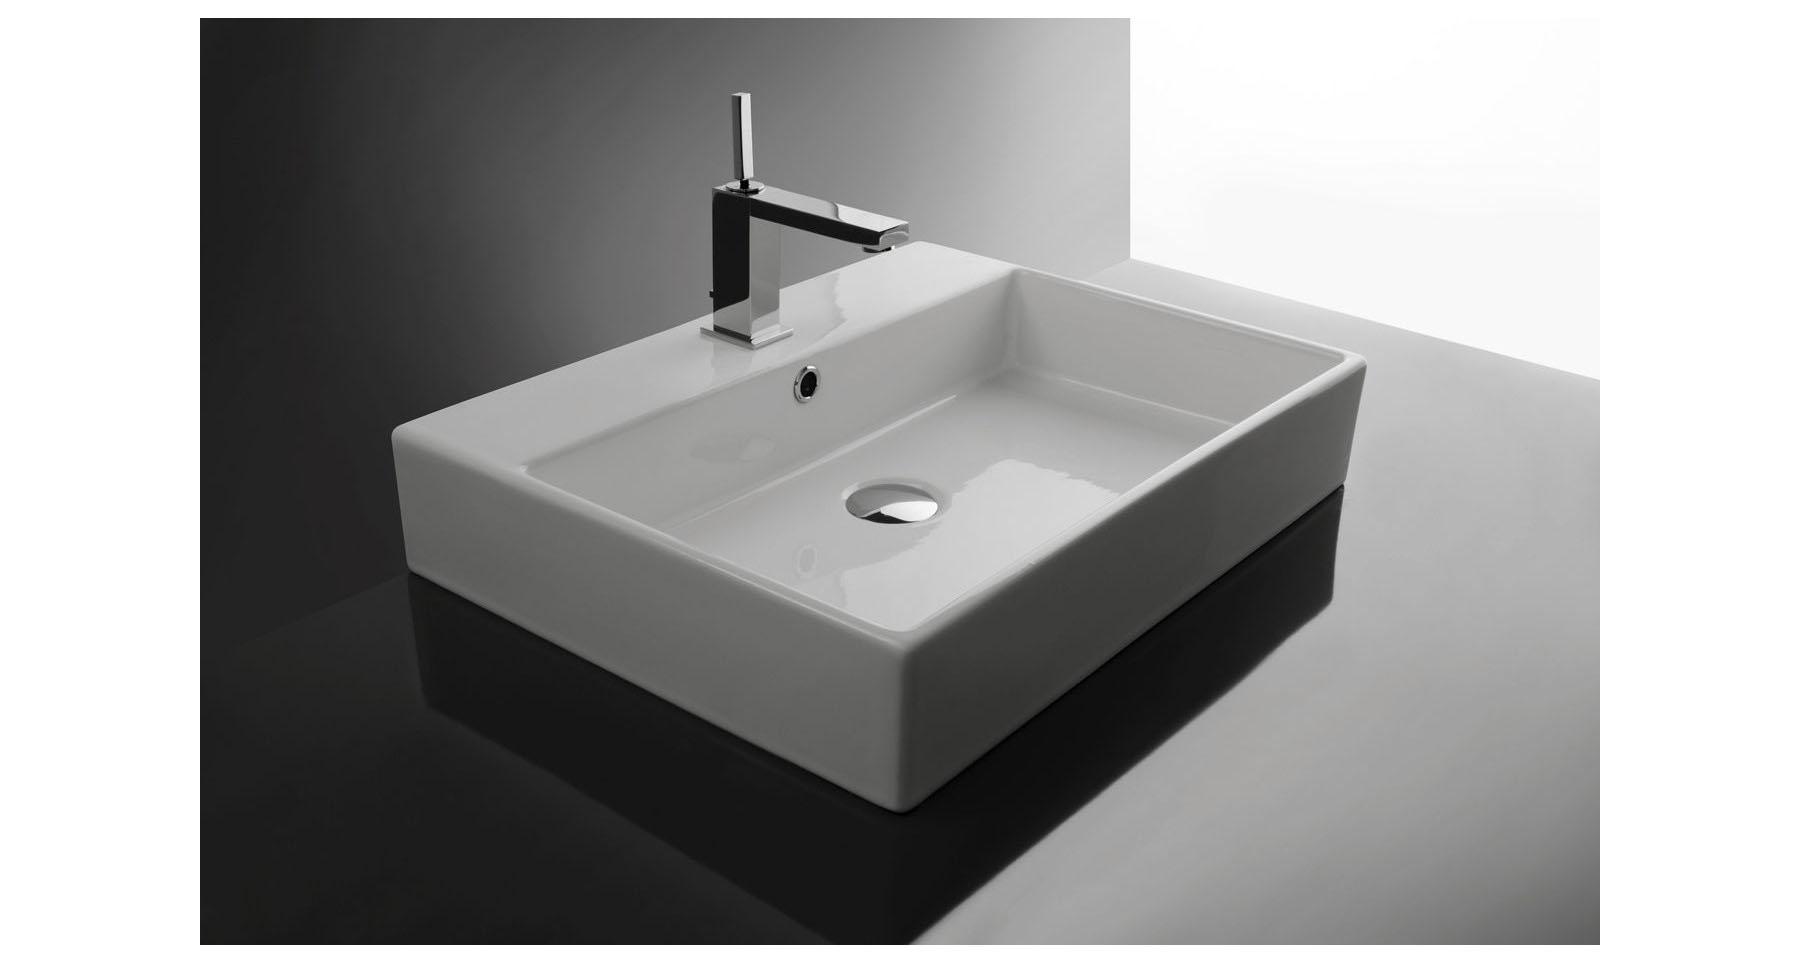 Umywalka Nablatowa Le Pietre 51 X 80cm Interior Park Concept Store